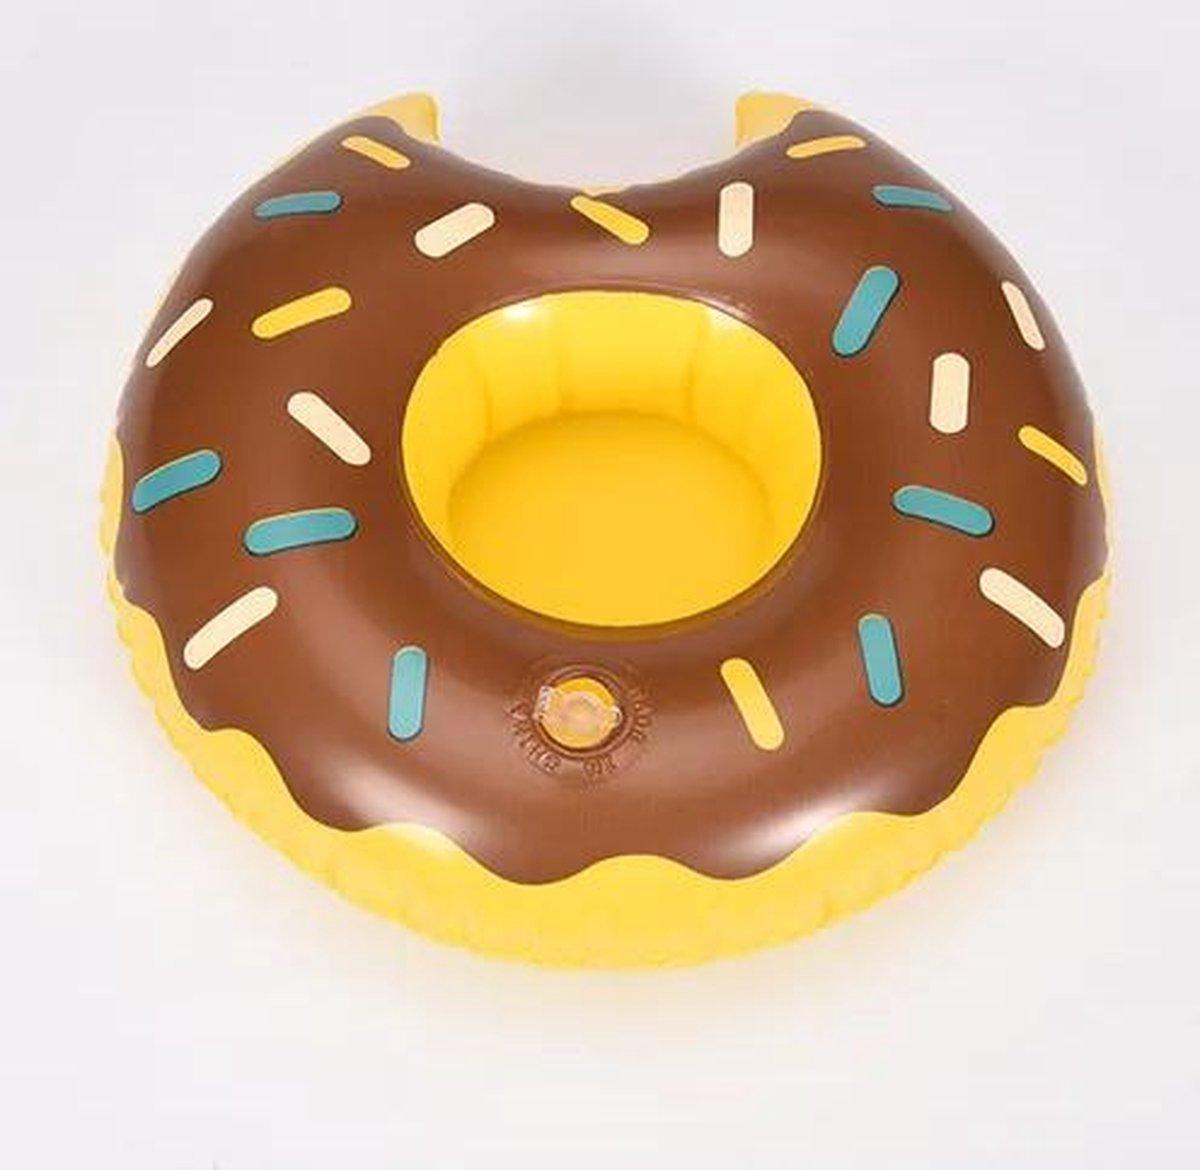 Opblaasbare drankenhouder voor in het zwembad | drank zwembandje |drink holder | chocolade donut